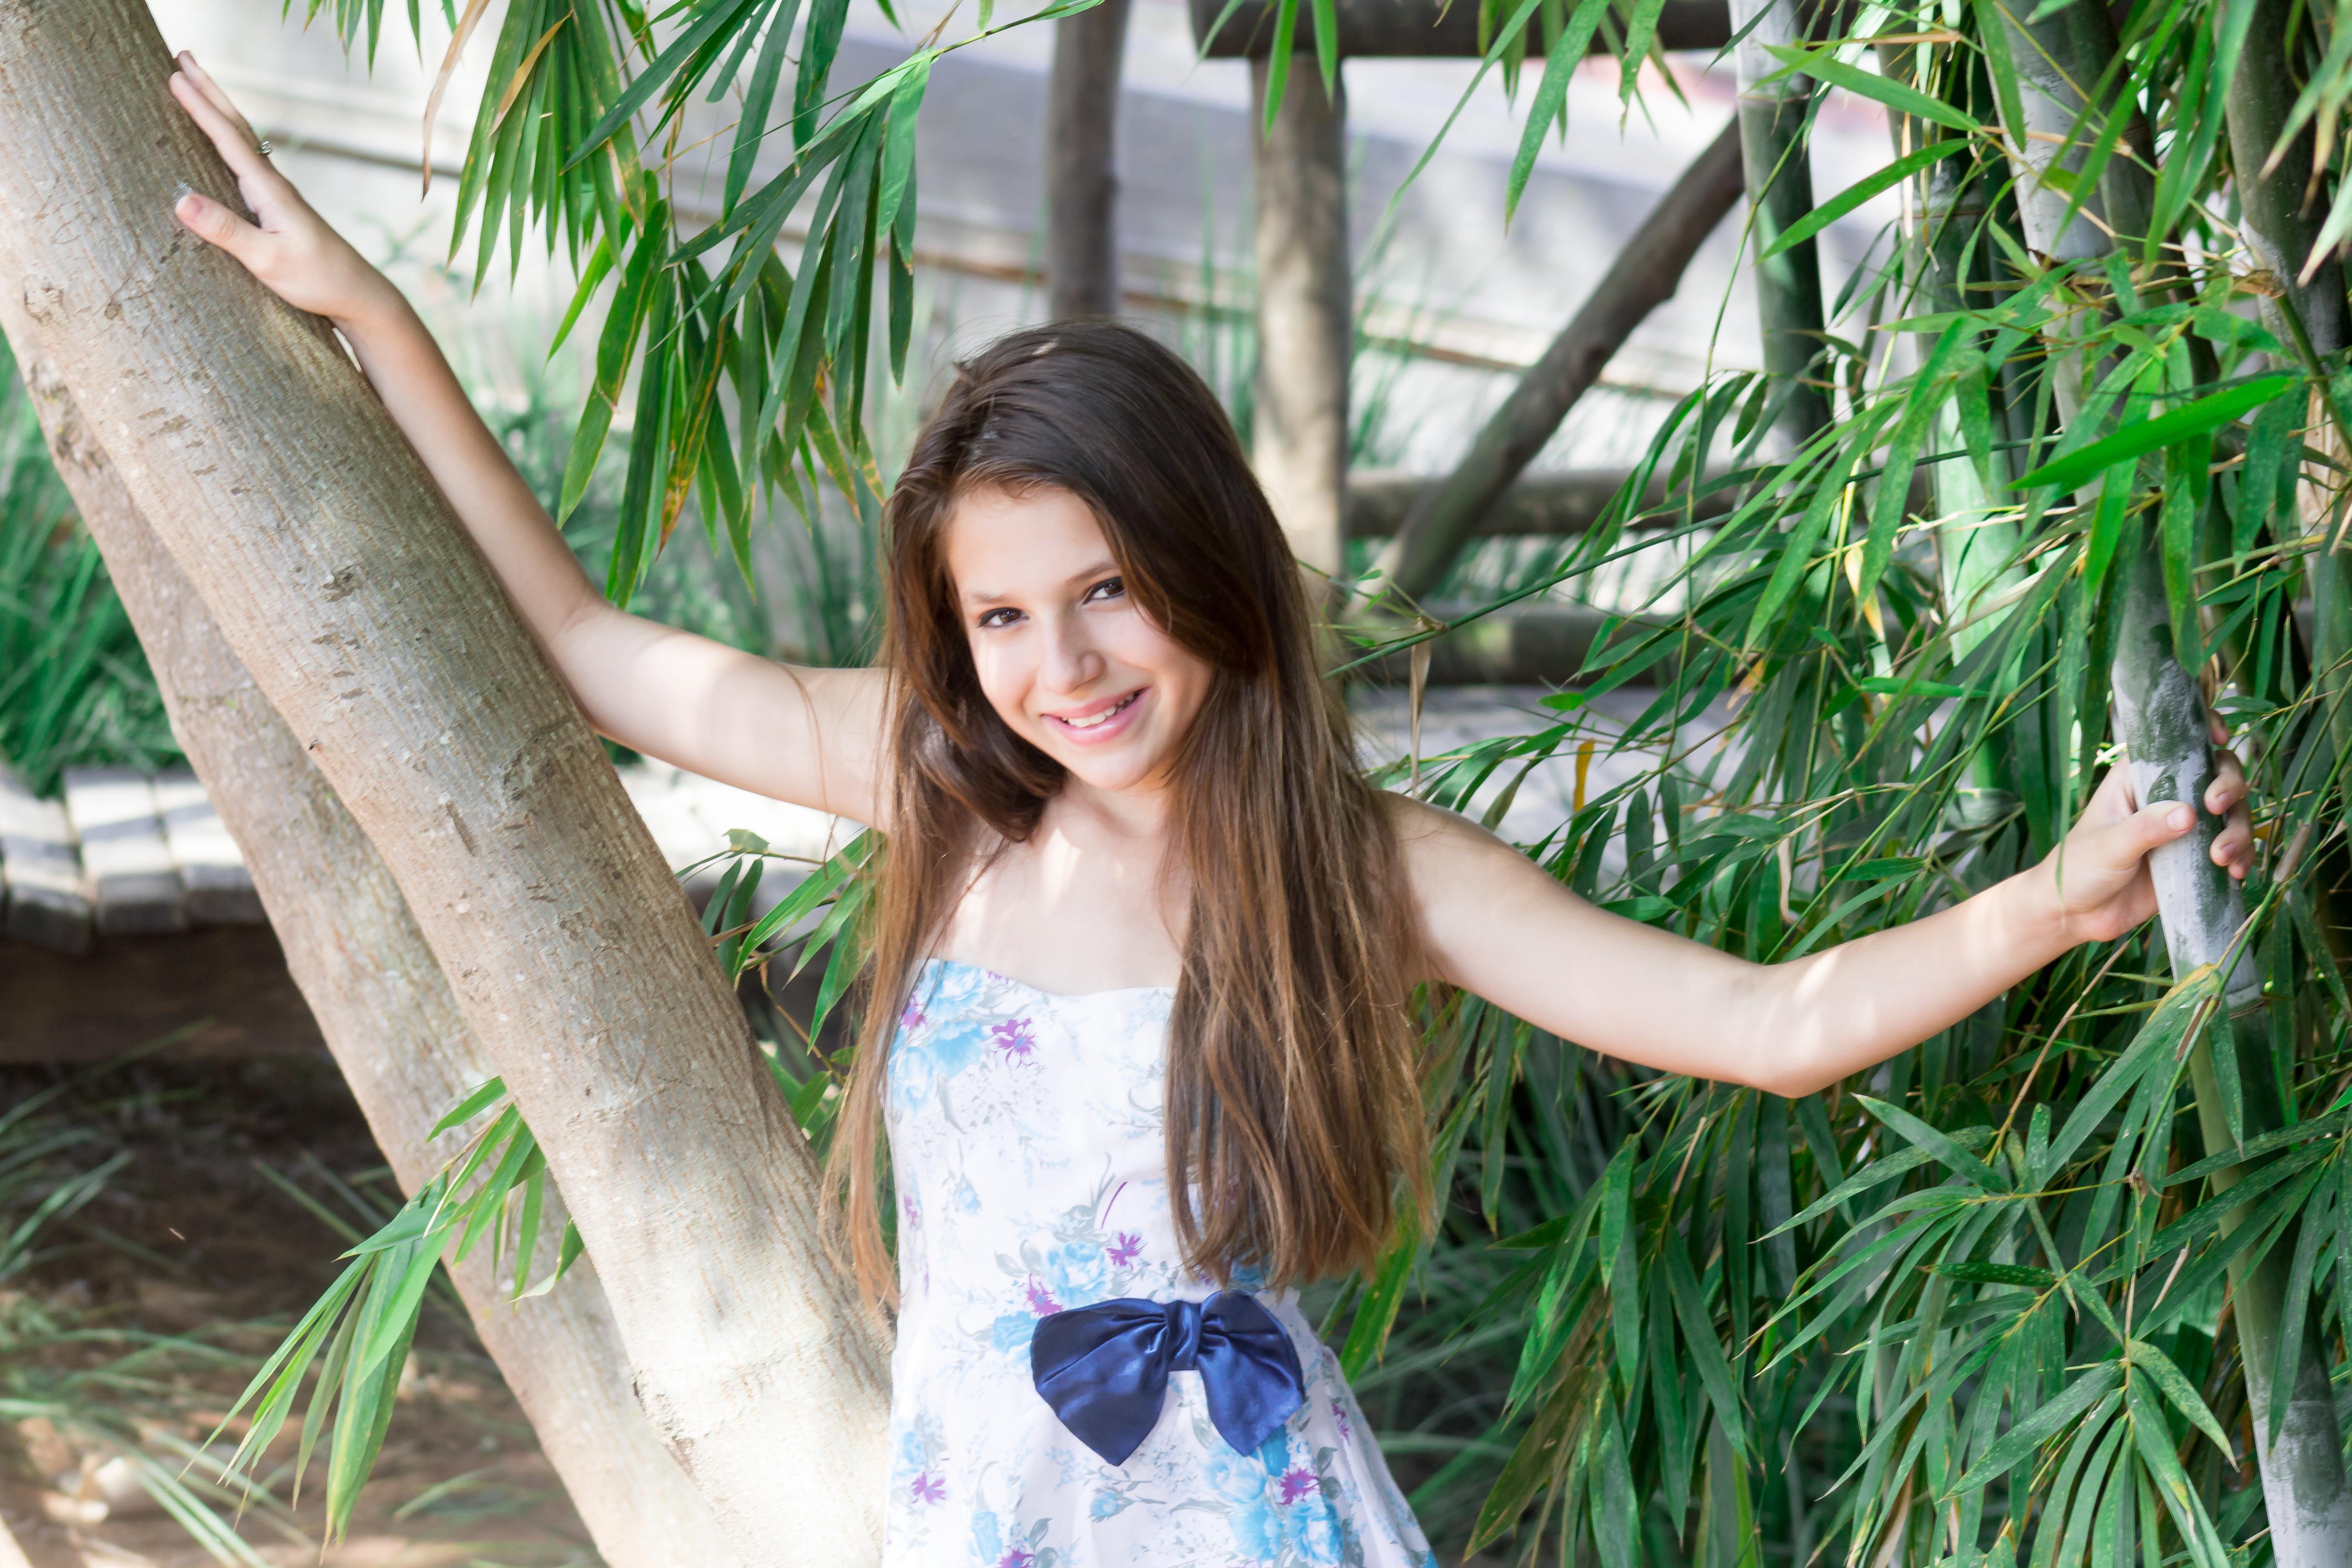 Yasmin Toledo